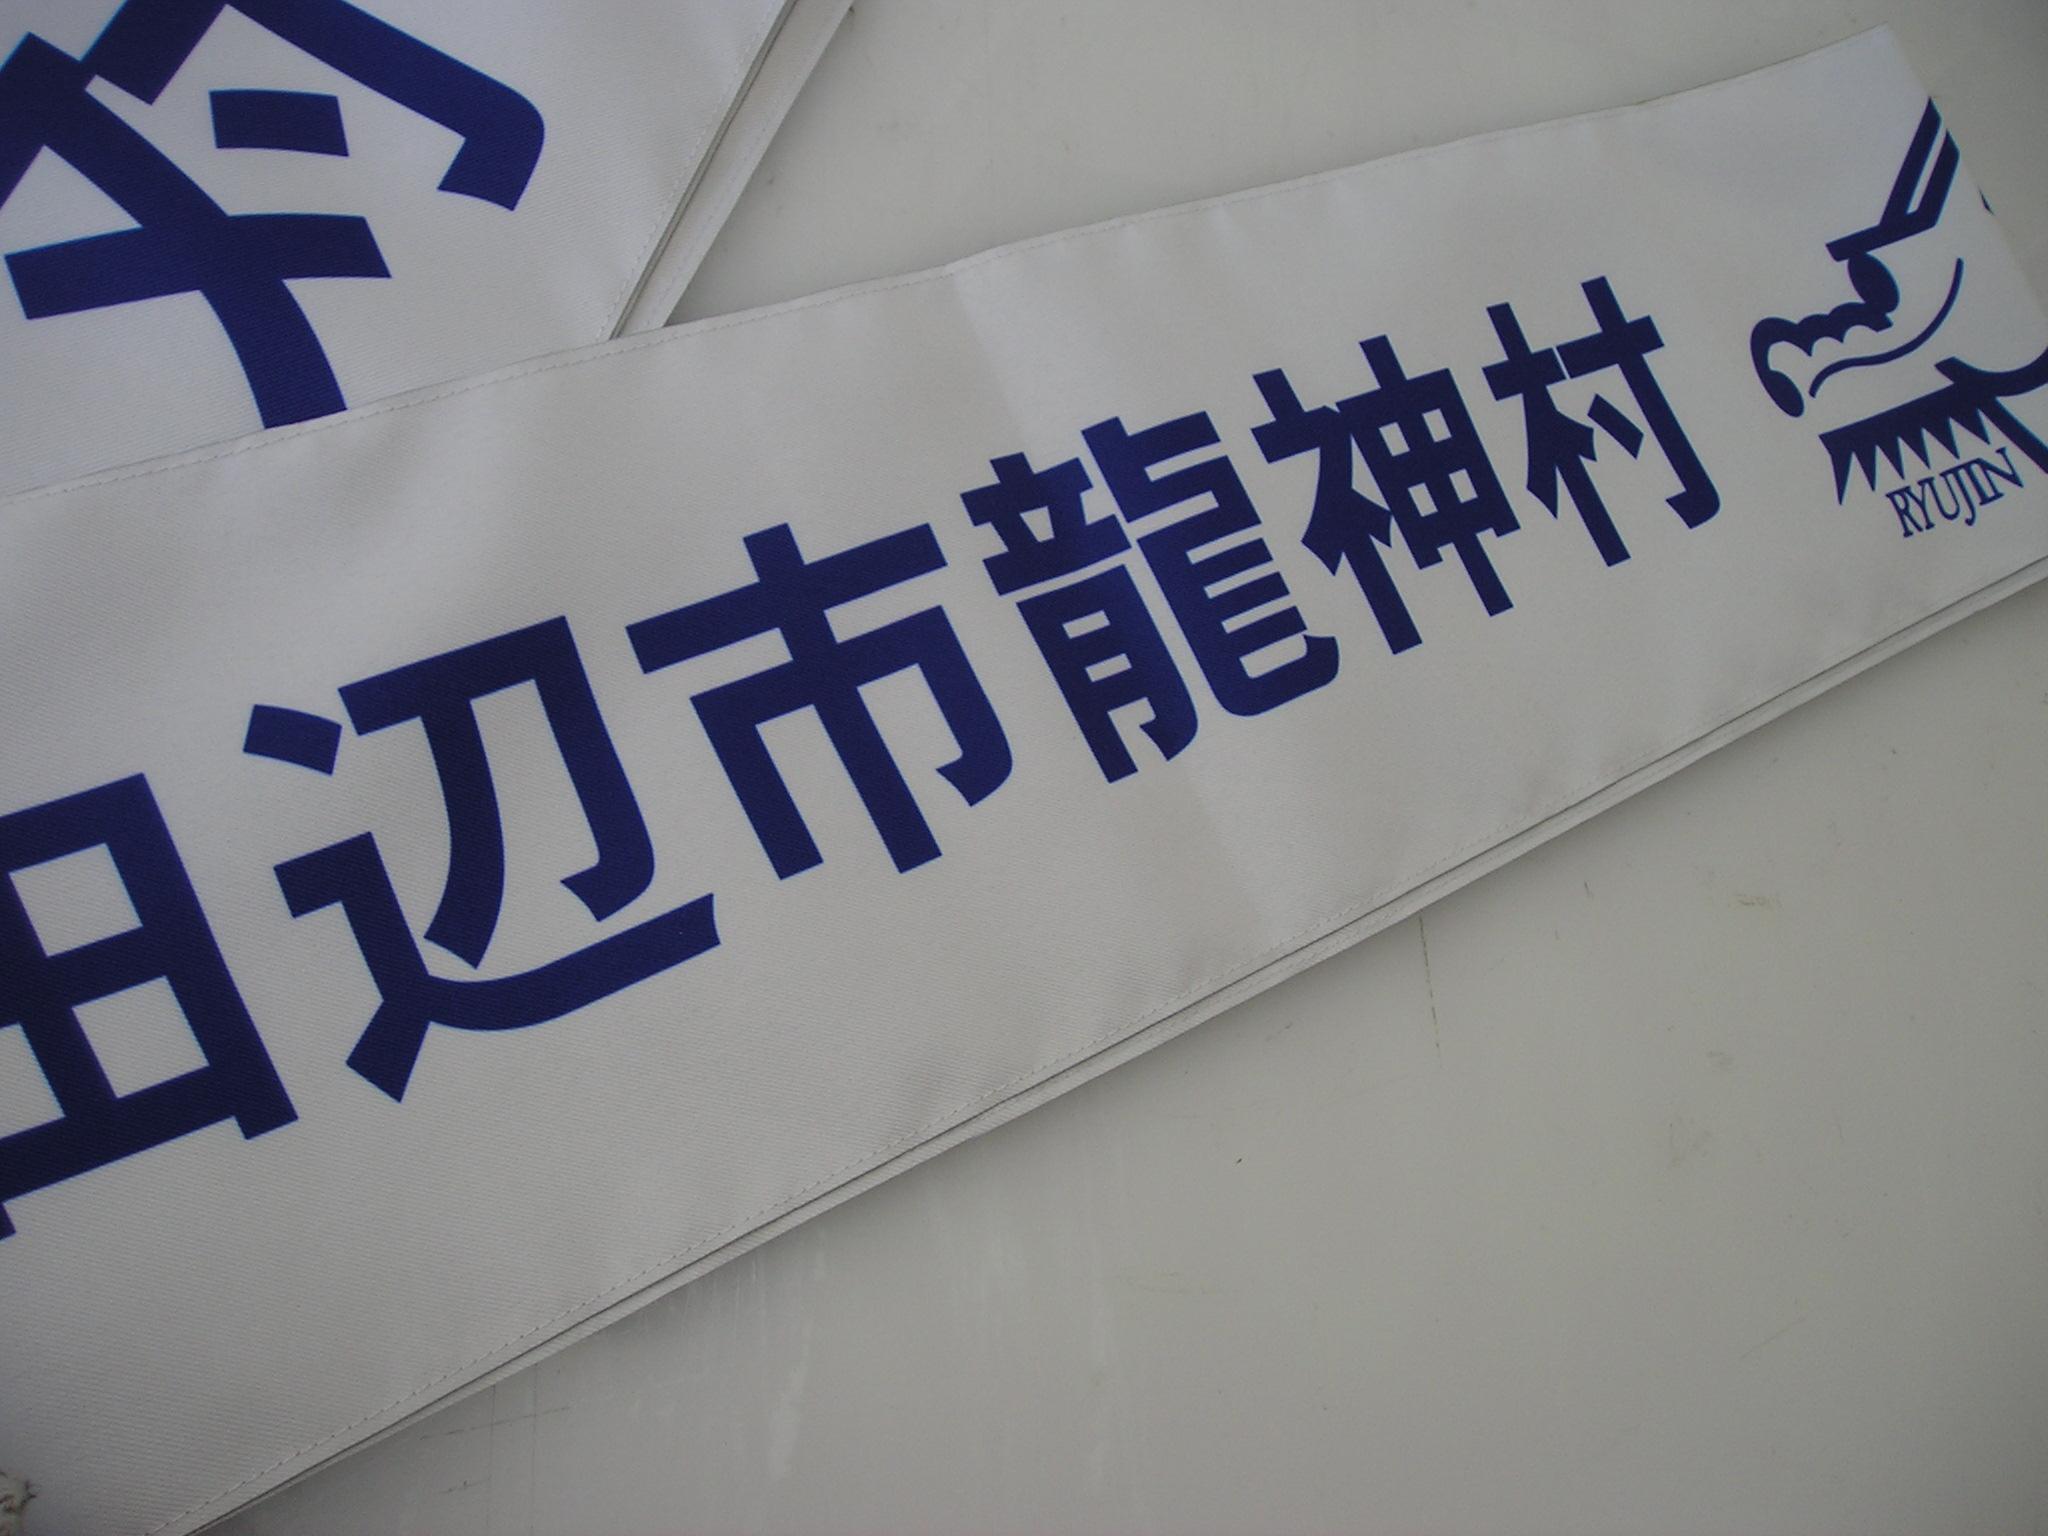 田辺市 龍神村マラソンイベント